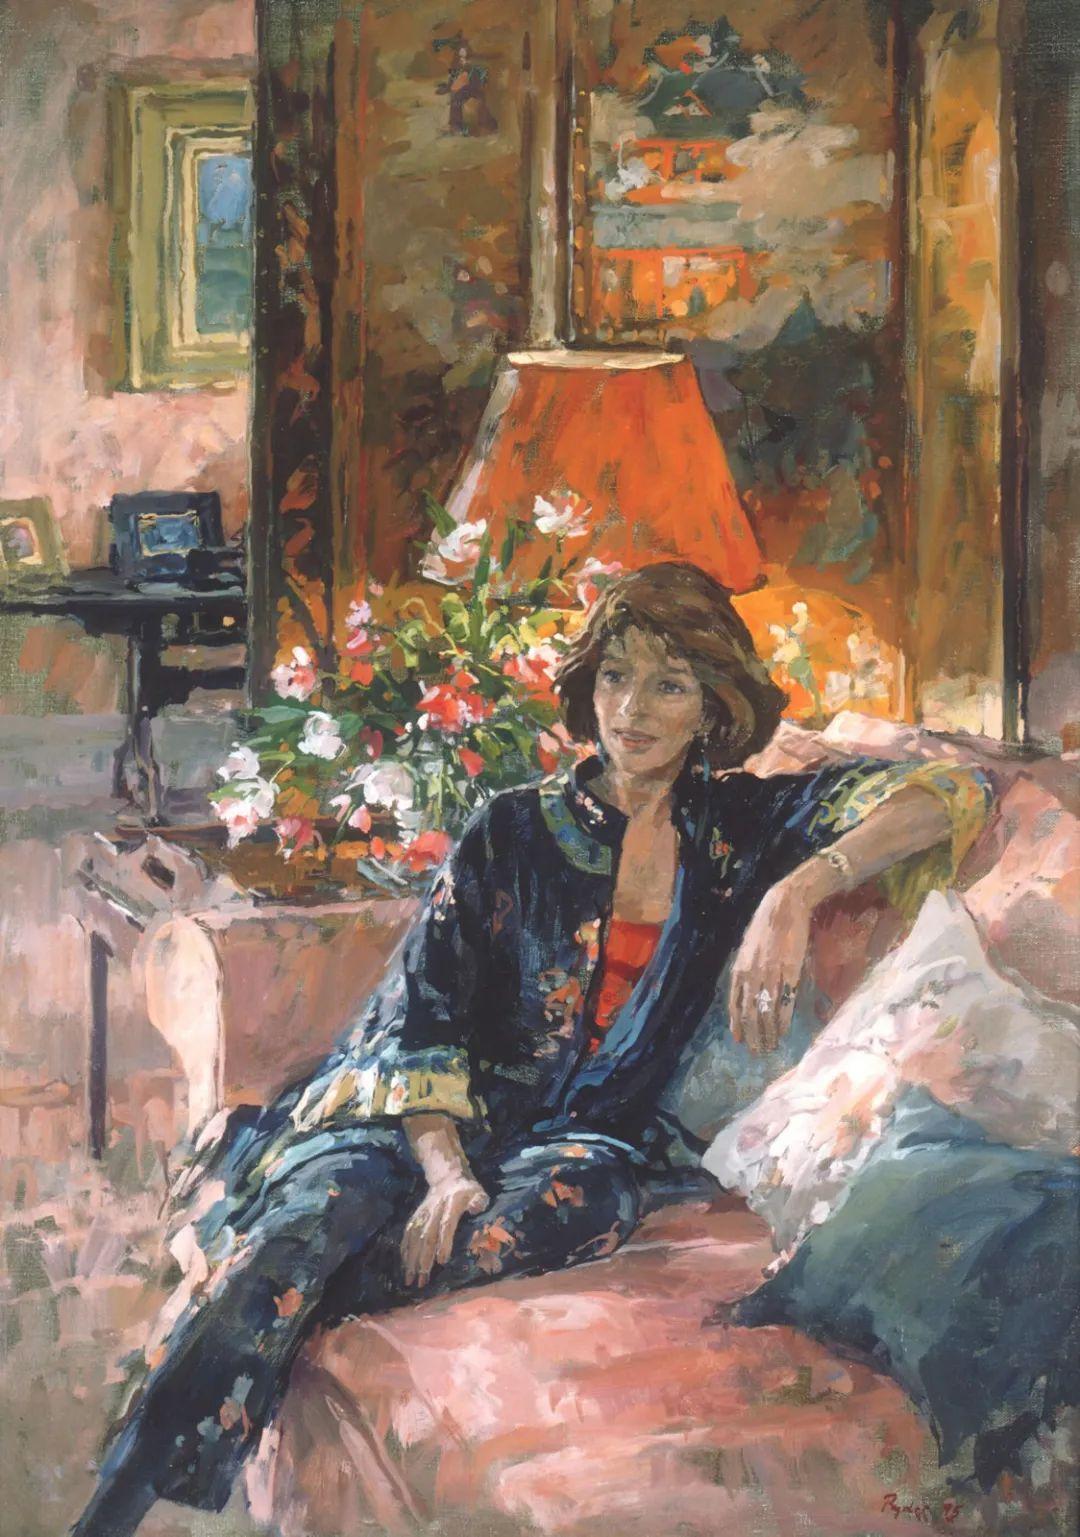 英国女画家苏珊·莱德人物作品插图17